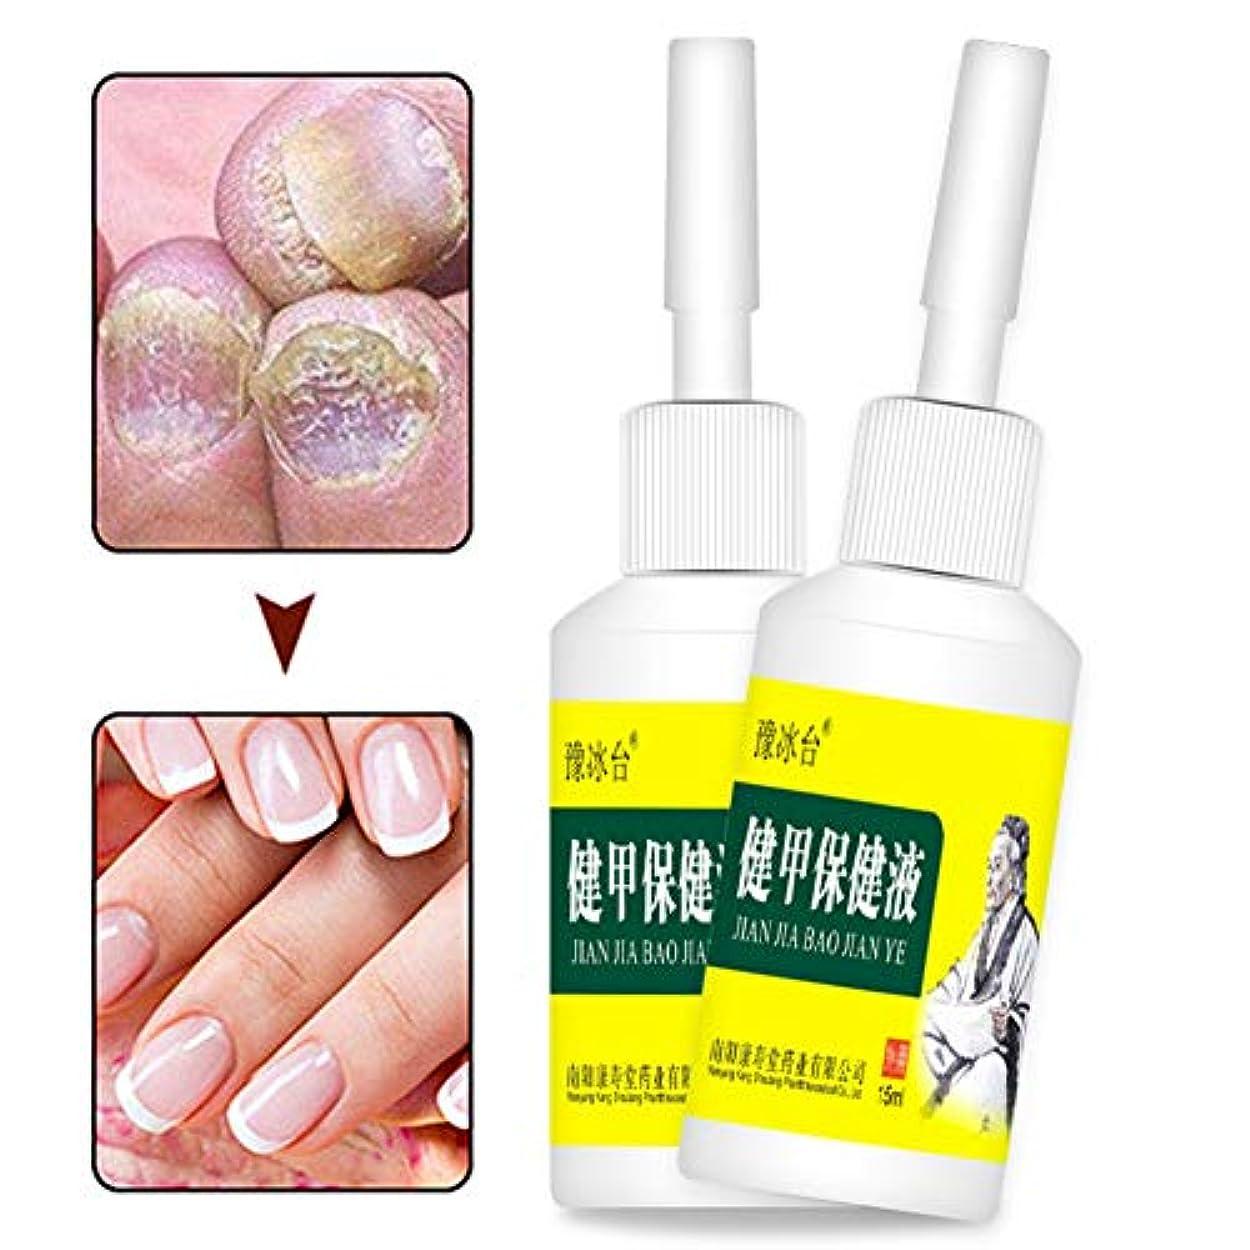 モンキー同一のバブルTerGOOSE 足爪用補修液 抗真菌 爪白癬の弱点を攻める 複合タイプ 爪用除菌ケア 灰指甲 爪真菌症 ネイル抗真菌治療 足爪の変色 白癬 変形 質感などでお困りの方に 3点セット